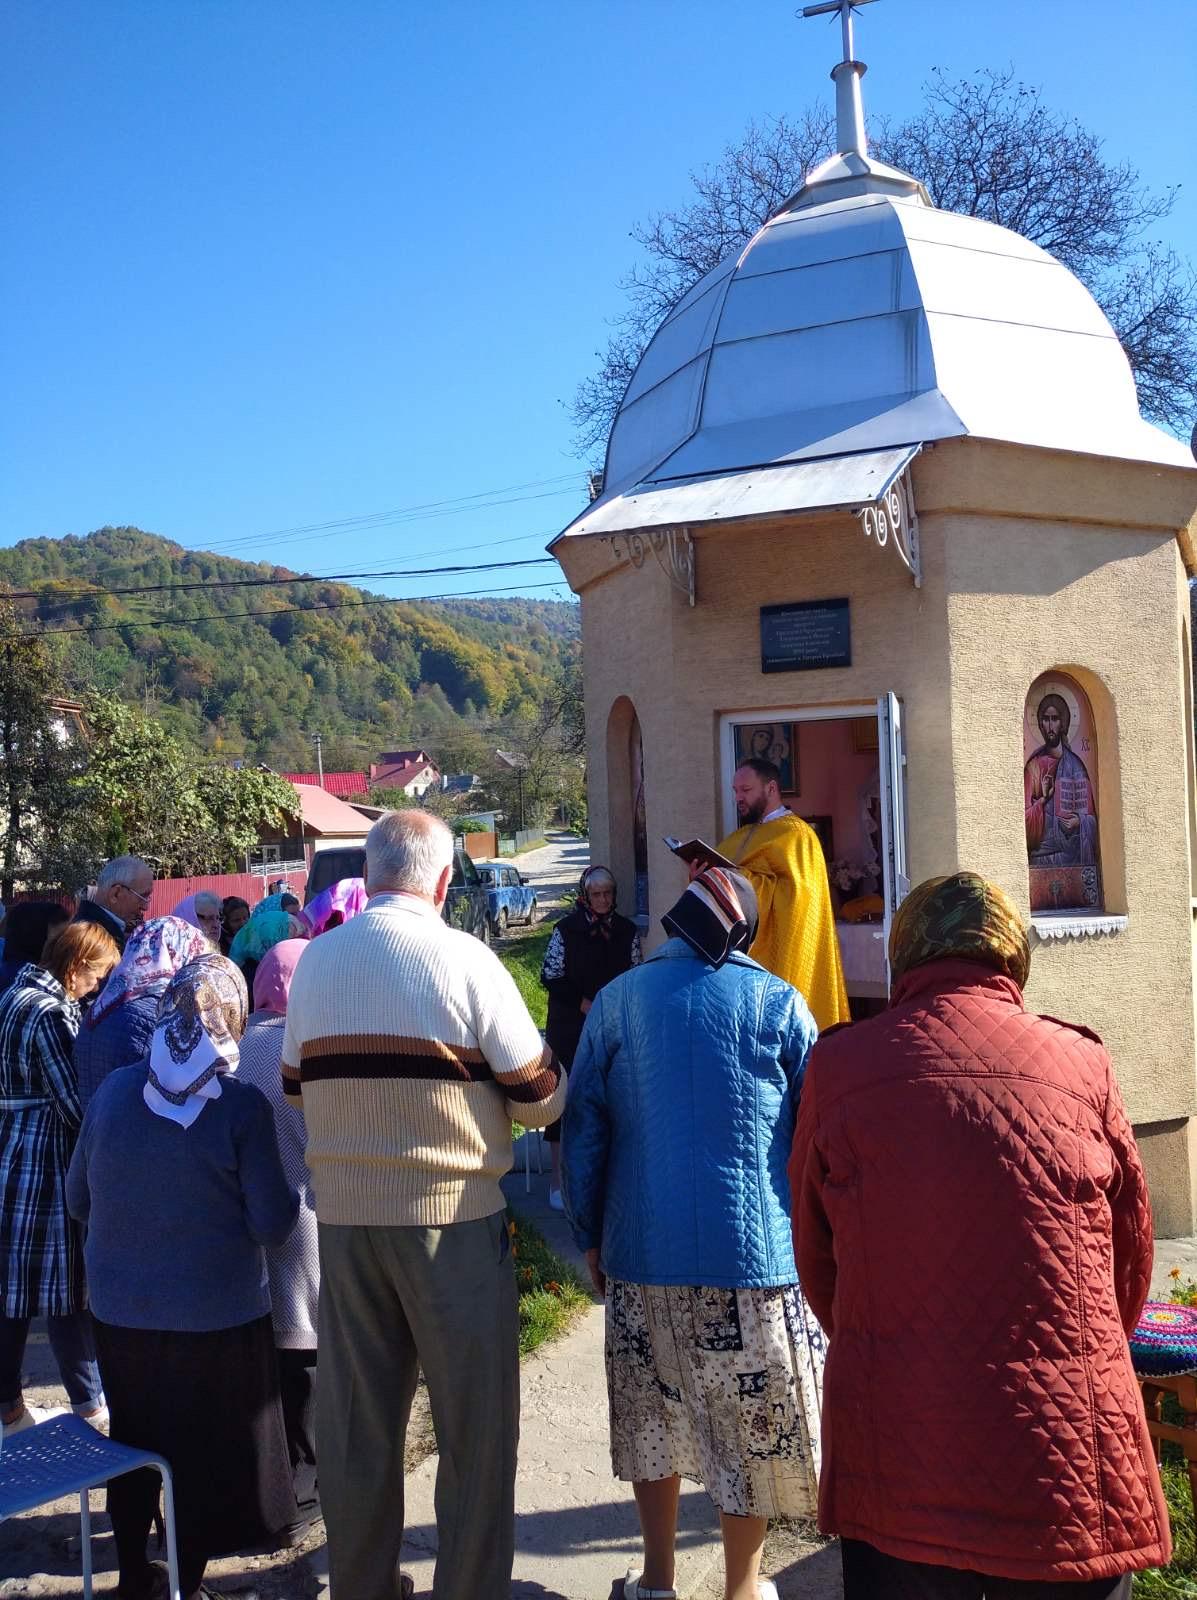 Ucrania - Santa Misa en la Capilla de San Juan Bautista